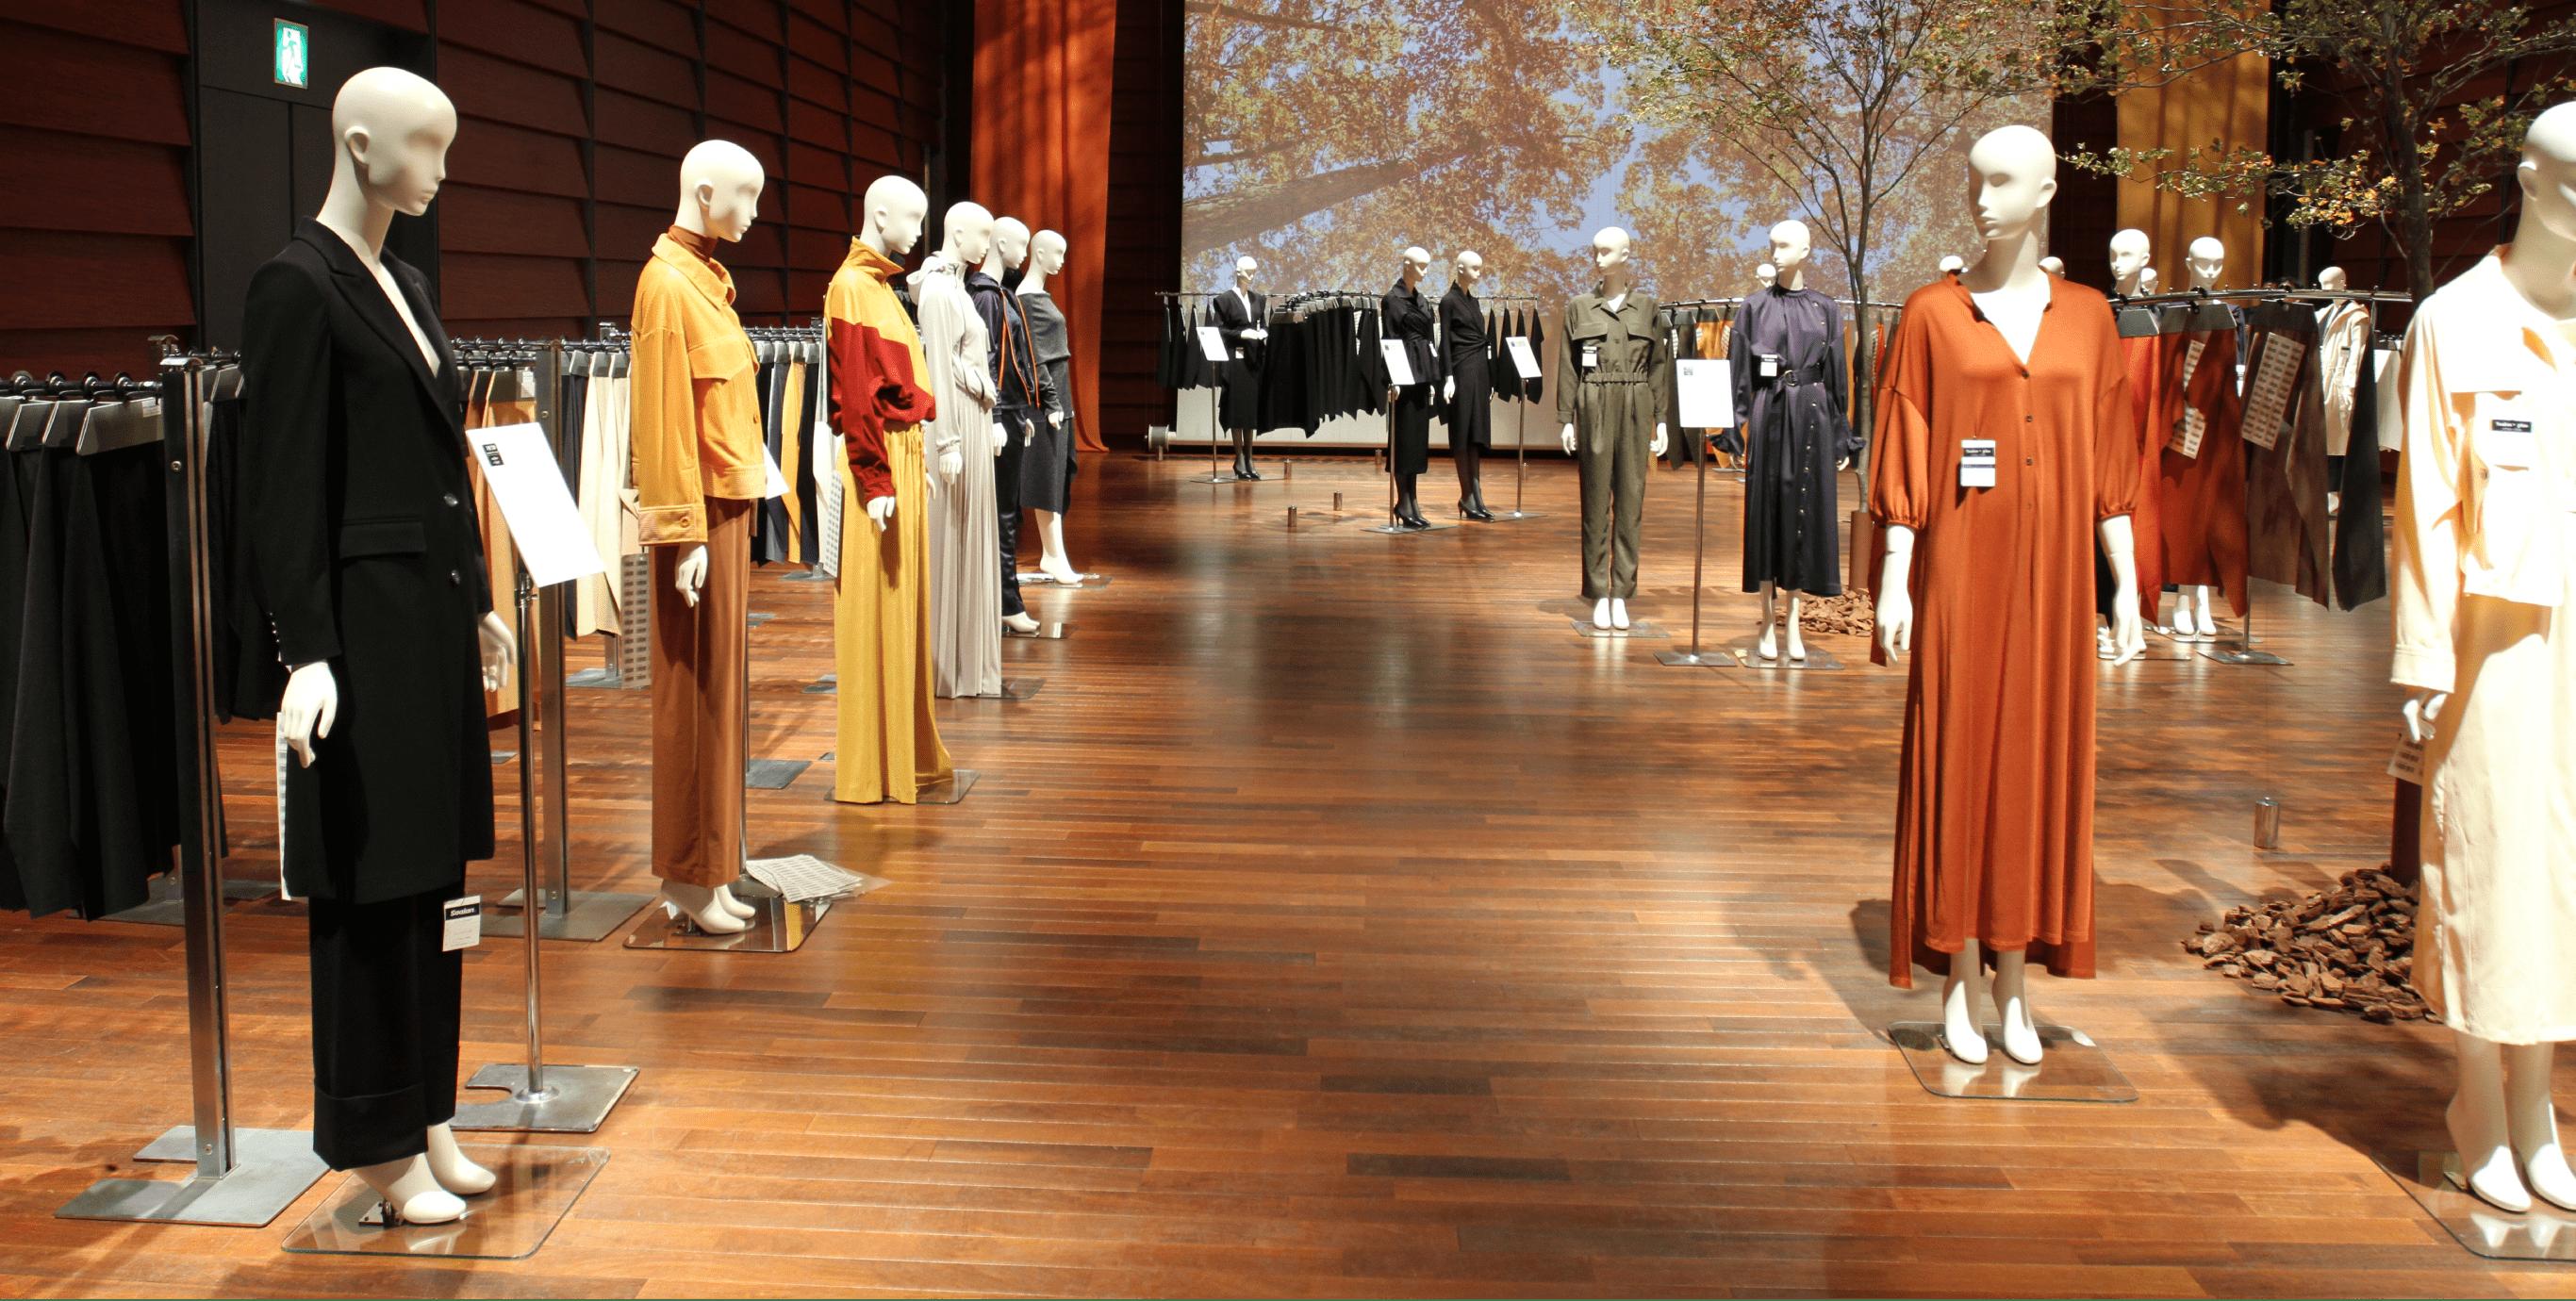 2019/20东京展示会在时事通会议厅举行